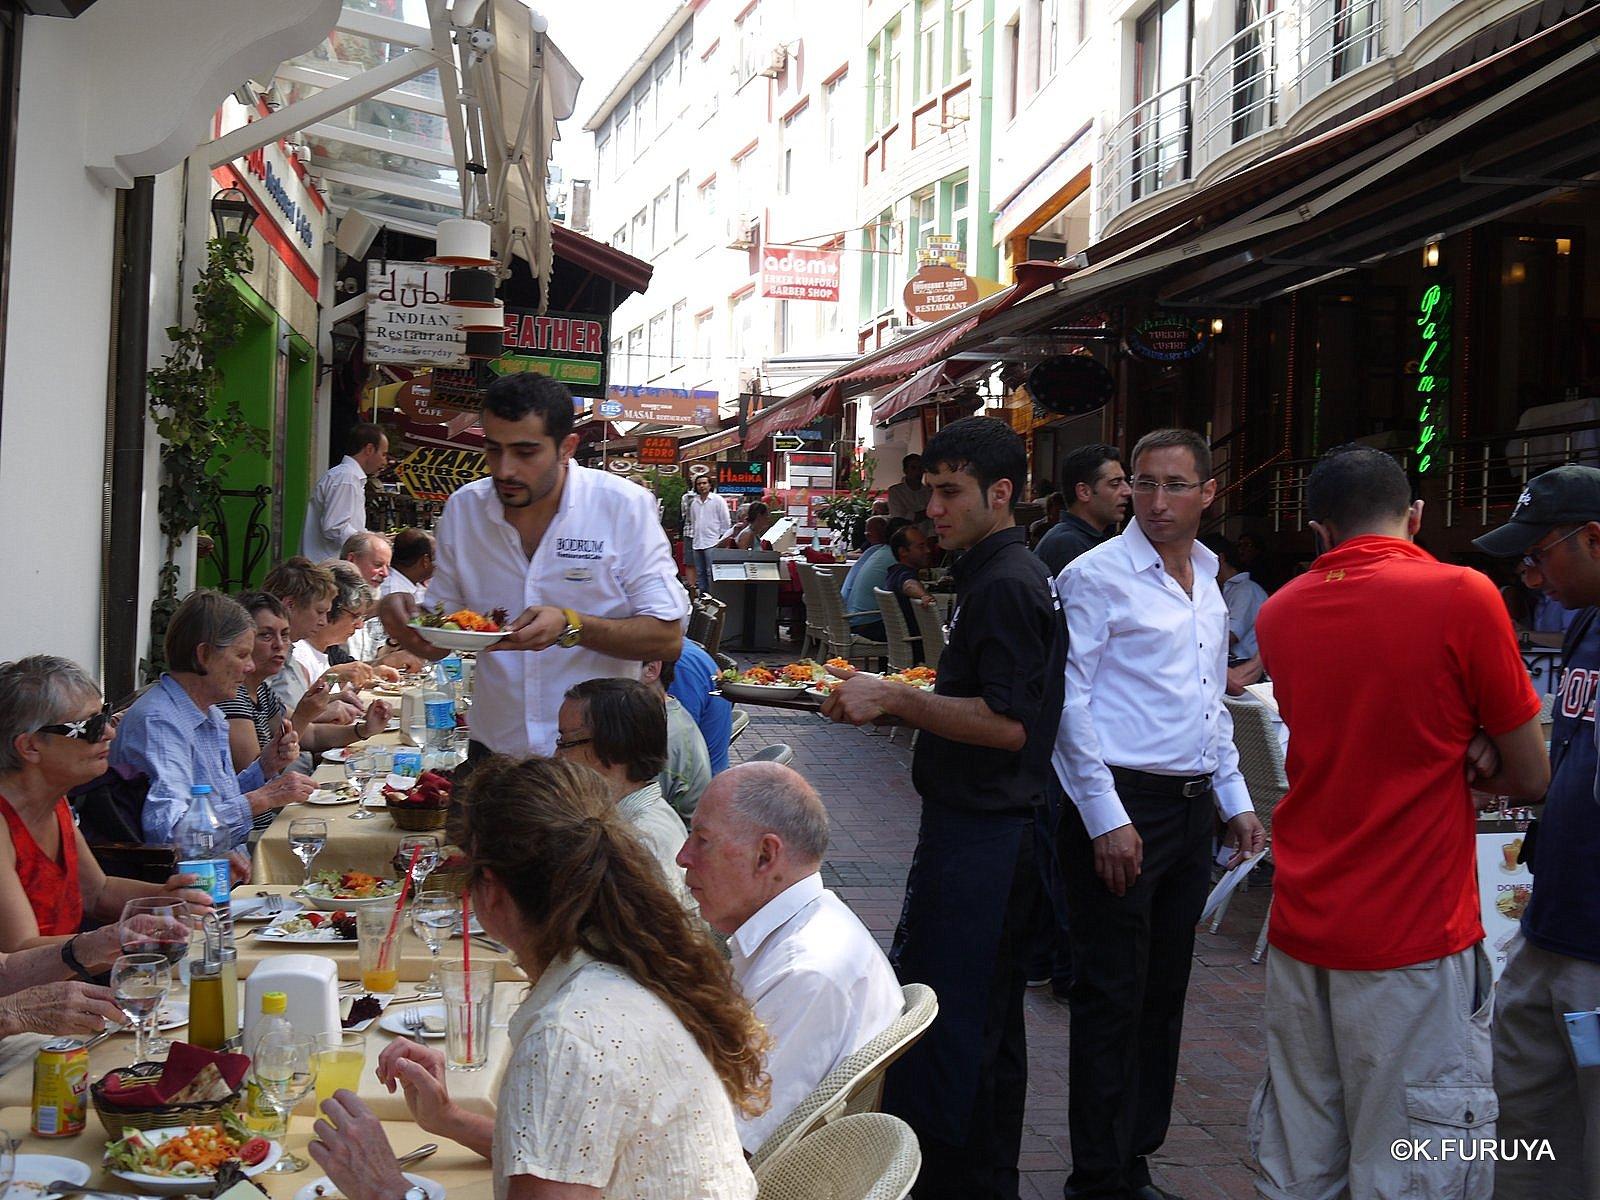 トルコ旅行記 38 イスタンブール旧市街その2_a0092659_1972565.jpg